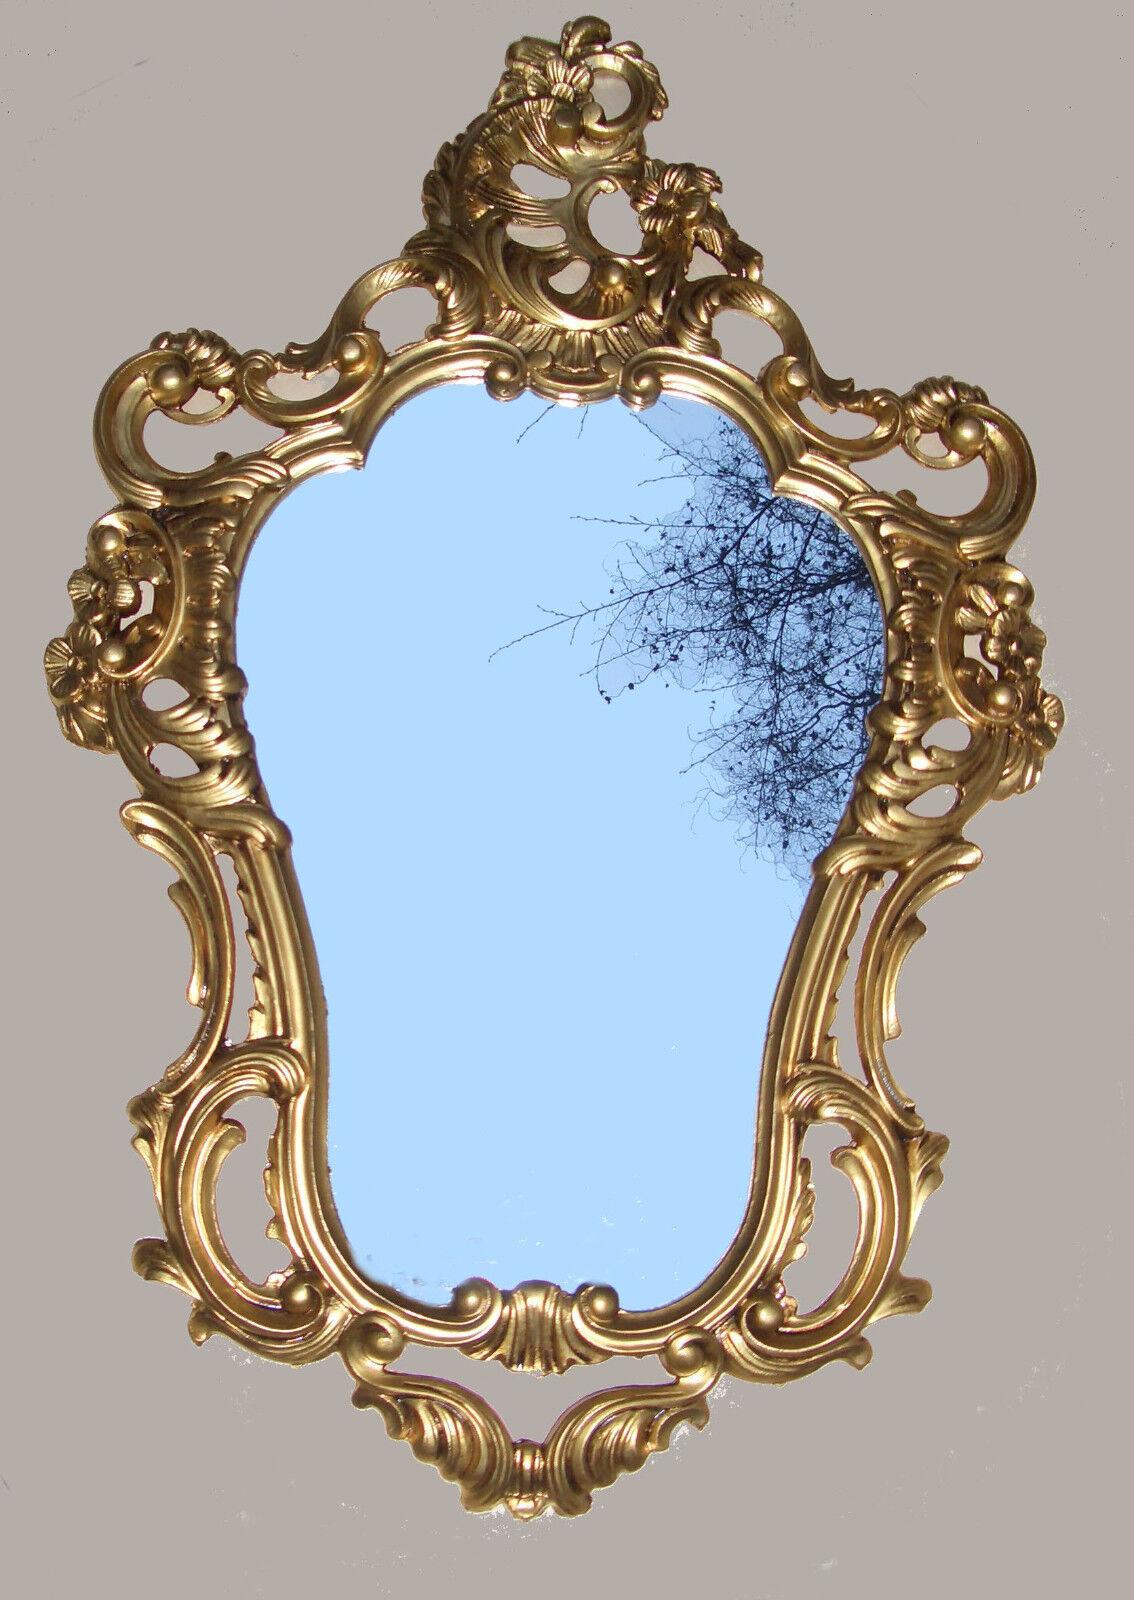 Exclusivo Espejo De Parojo Espejo Ovalado Espejo Barroco en oro 50X76 Parojo Deco Antiguo